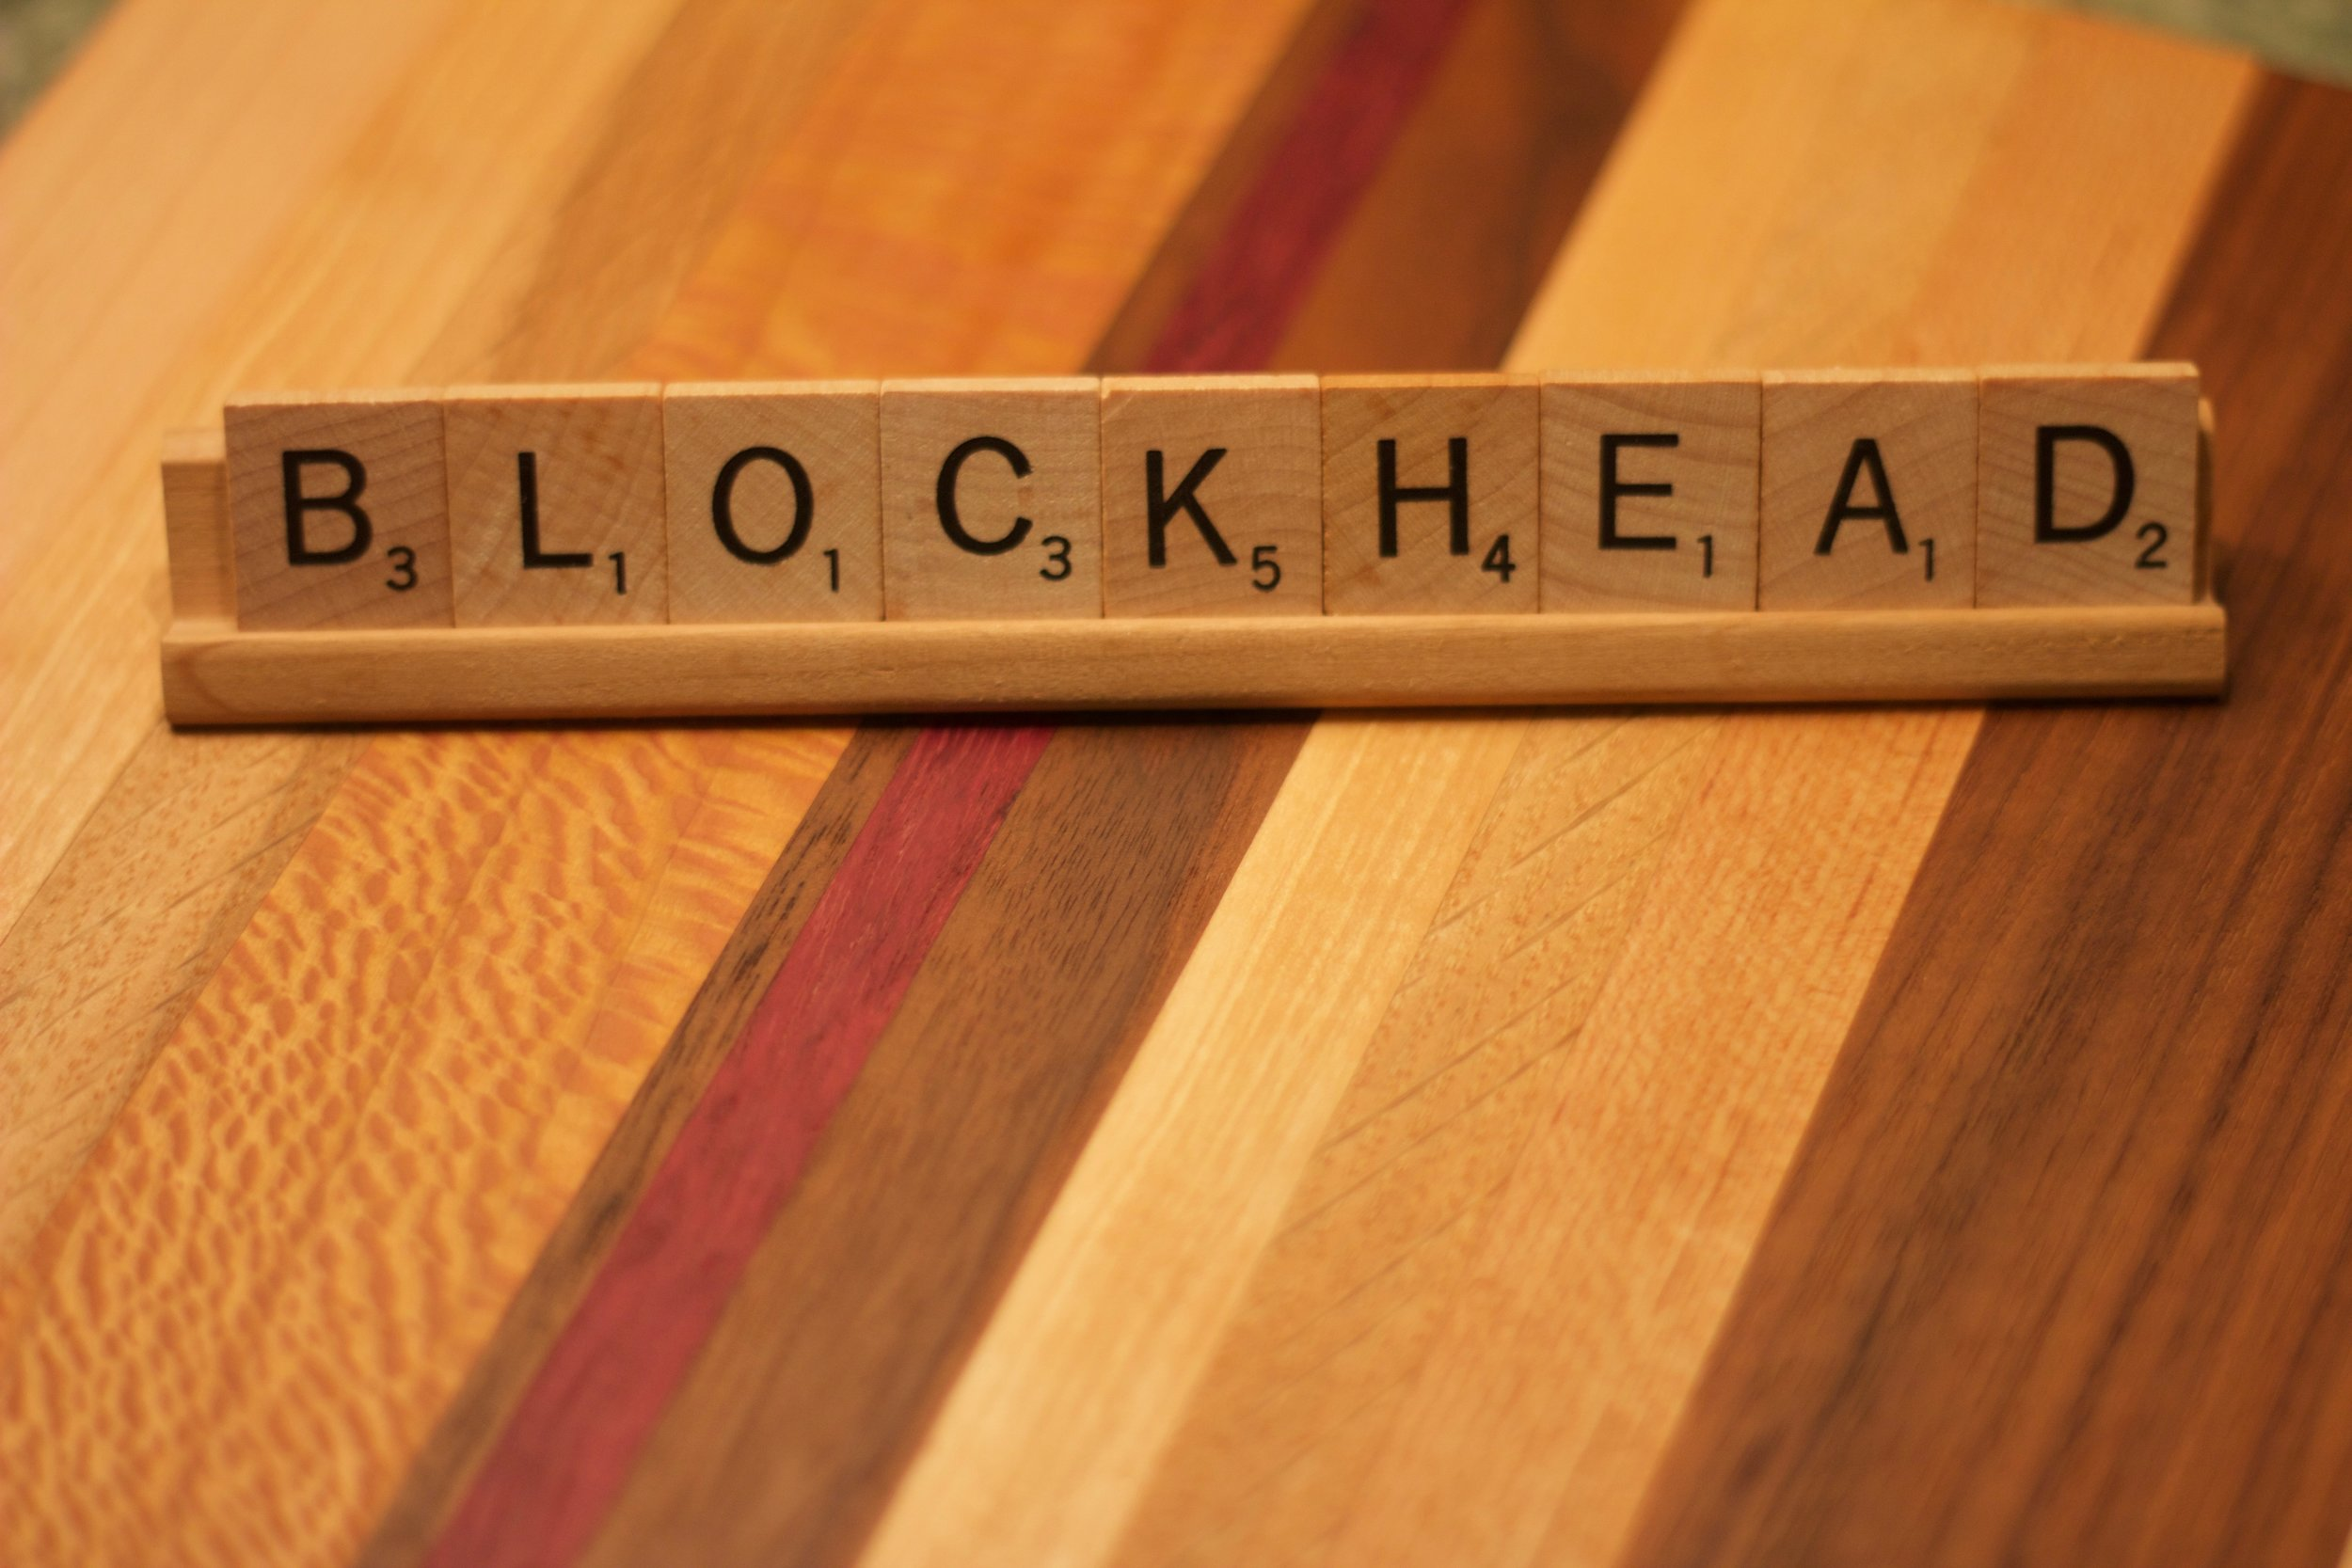 Blockhead - Handcrafted wooden essentials by Greg Kline